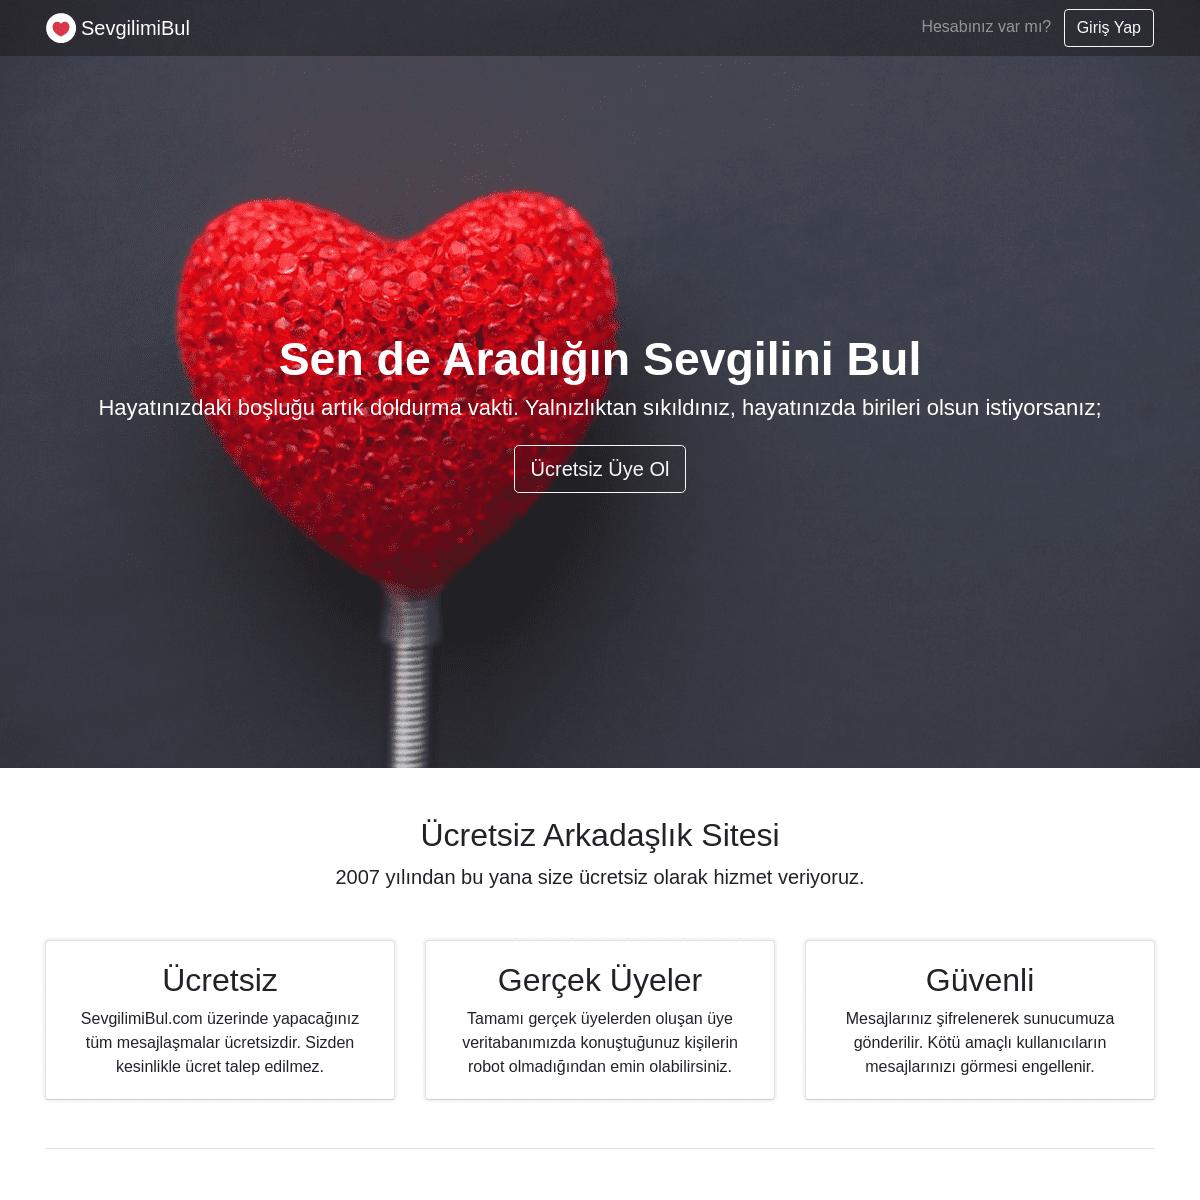 Arkadaşlık kur ücretsiz sitesi Bedava Chat